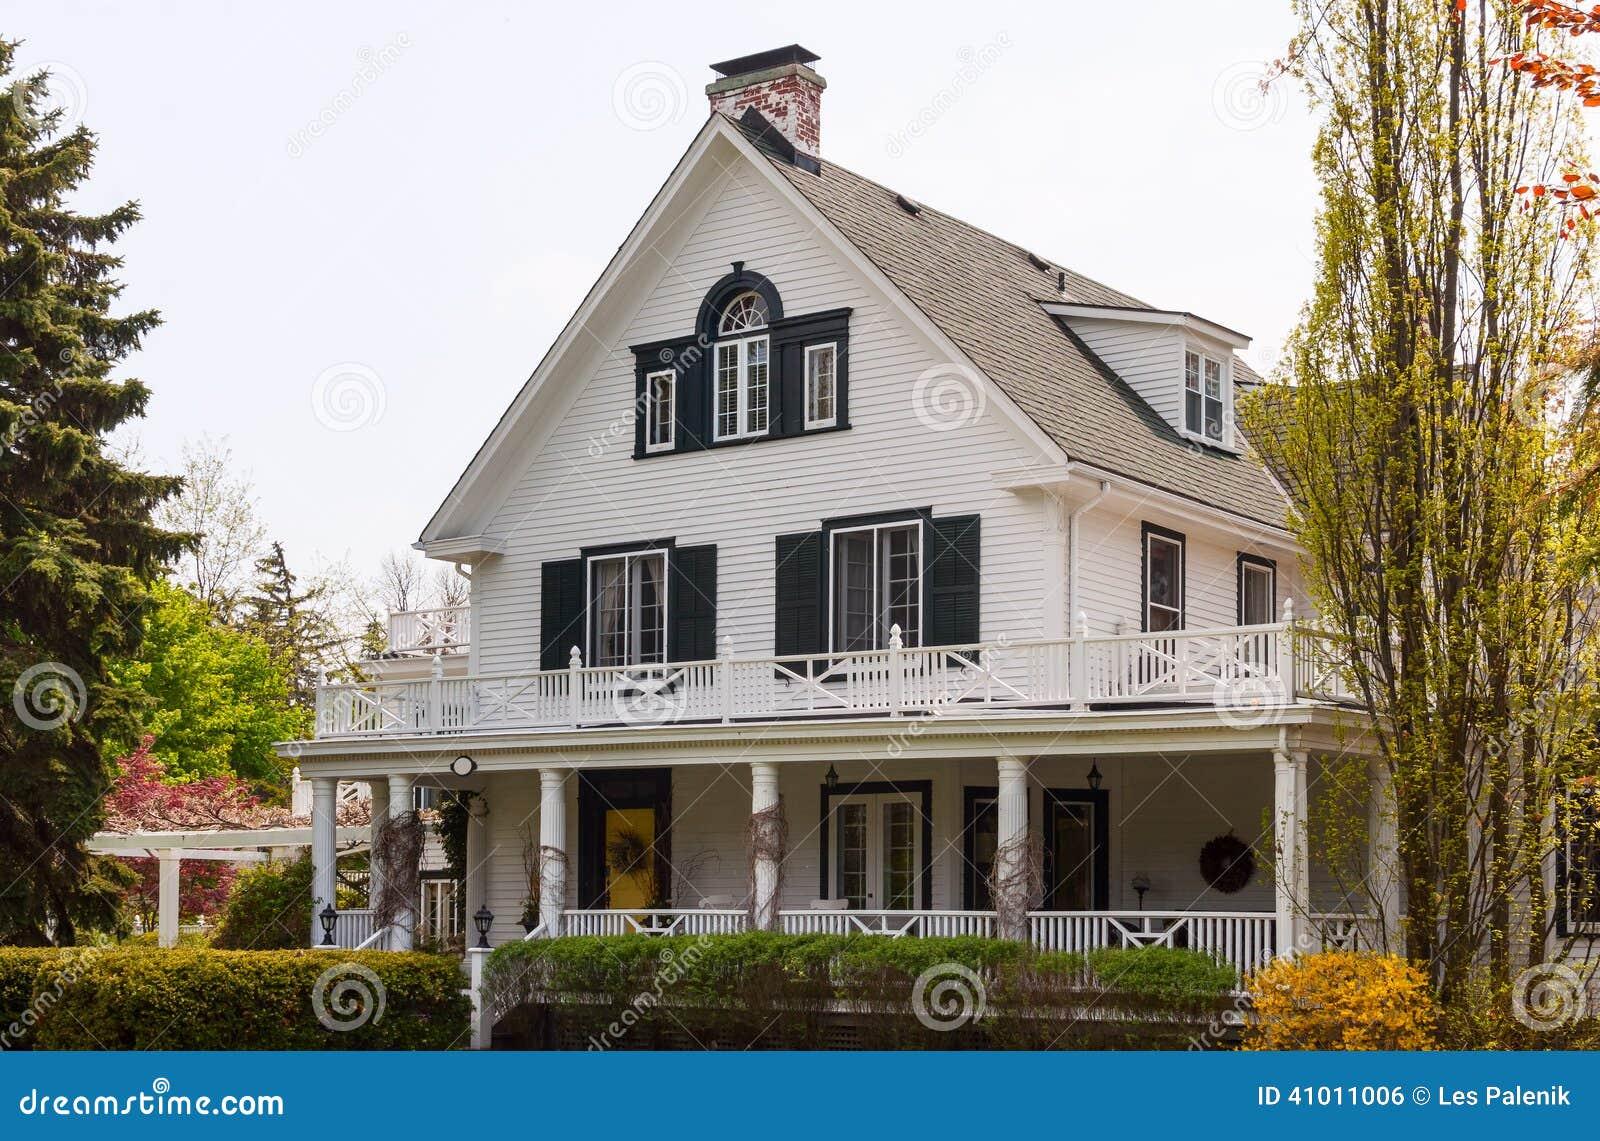 White House With A Wraparound Porch Stock Photo Image